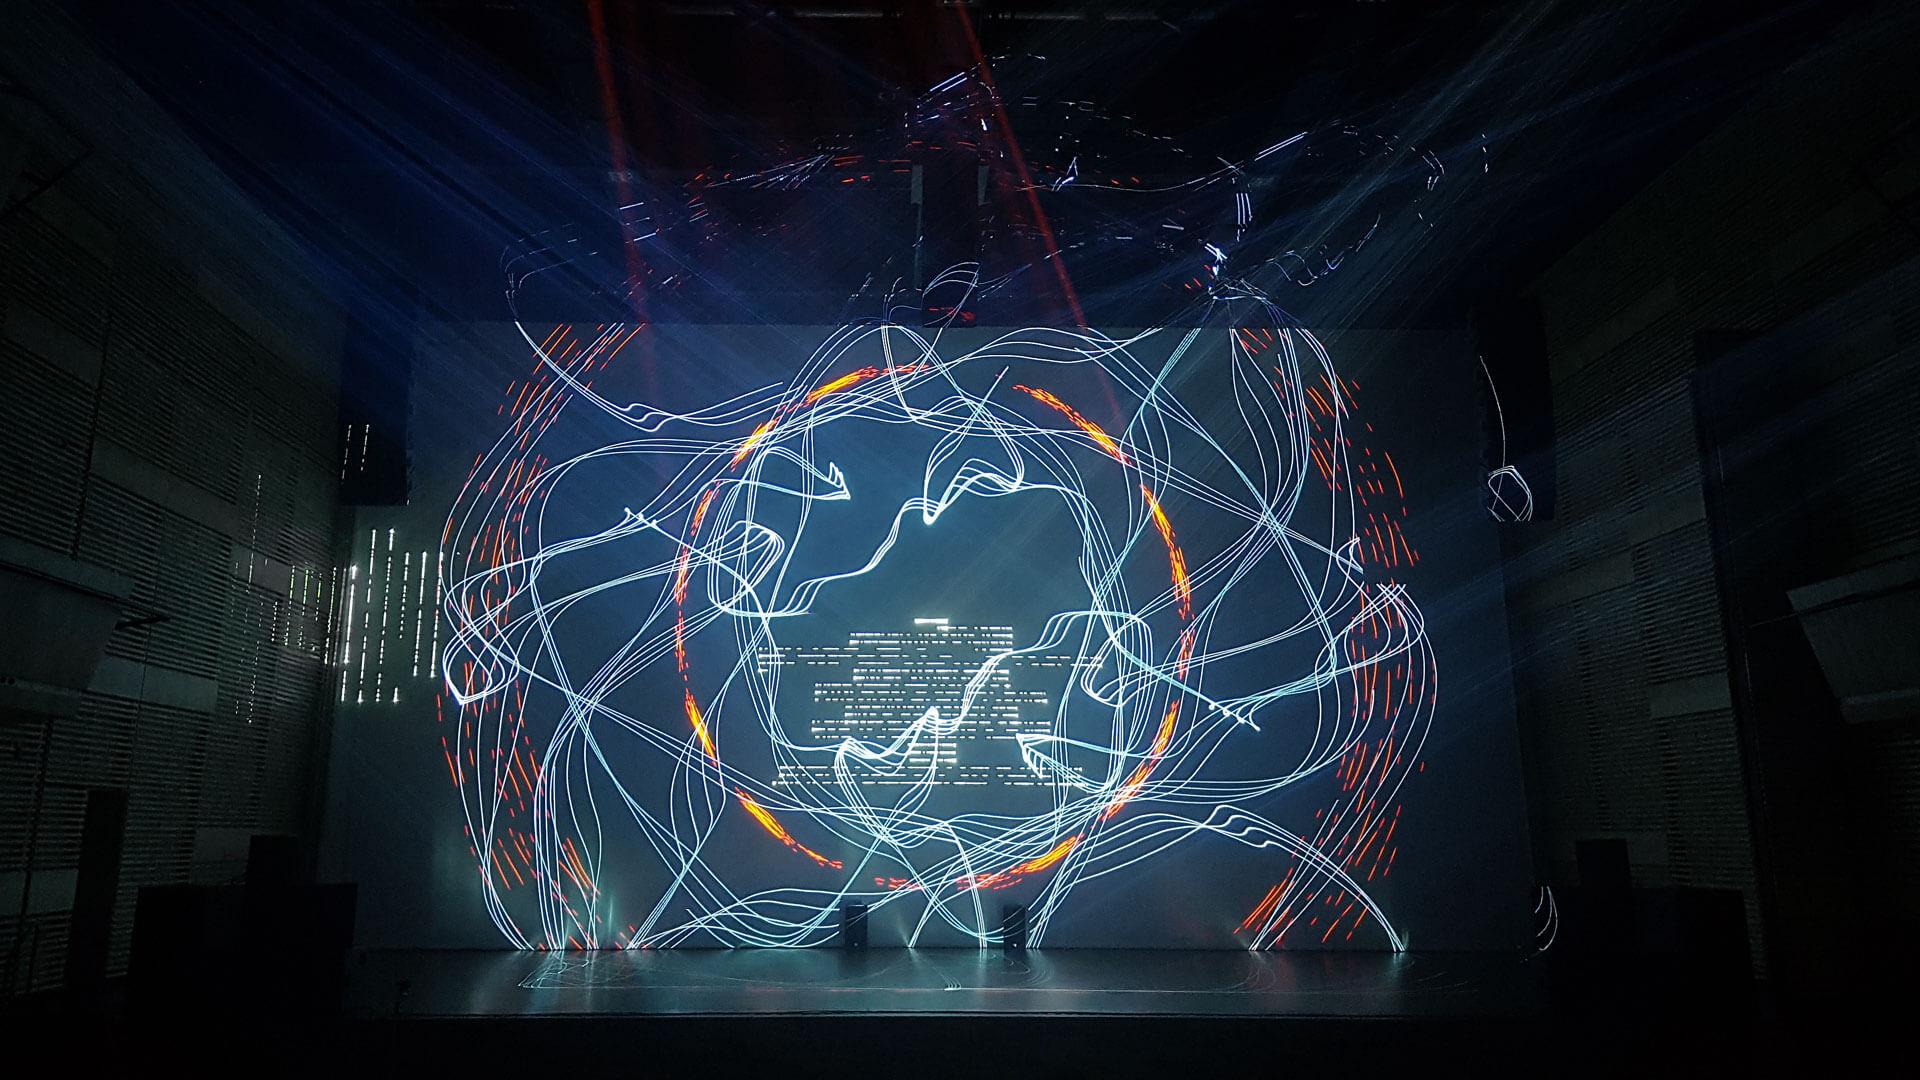 電子音楽&デジタルアートの祭典が渋谷に!<MUTEK.JP>最終フルラインナップ&タイムテーブル発表 art191205_mutek_9